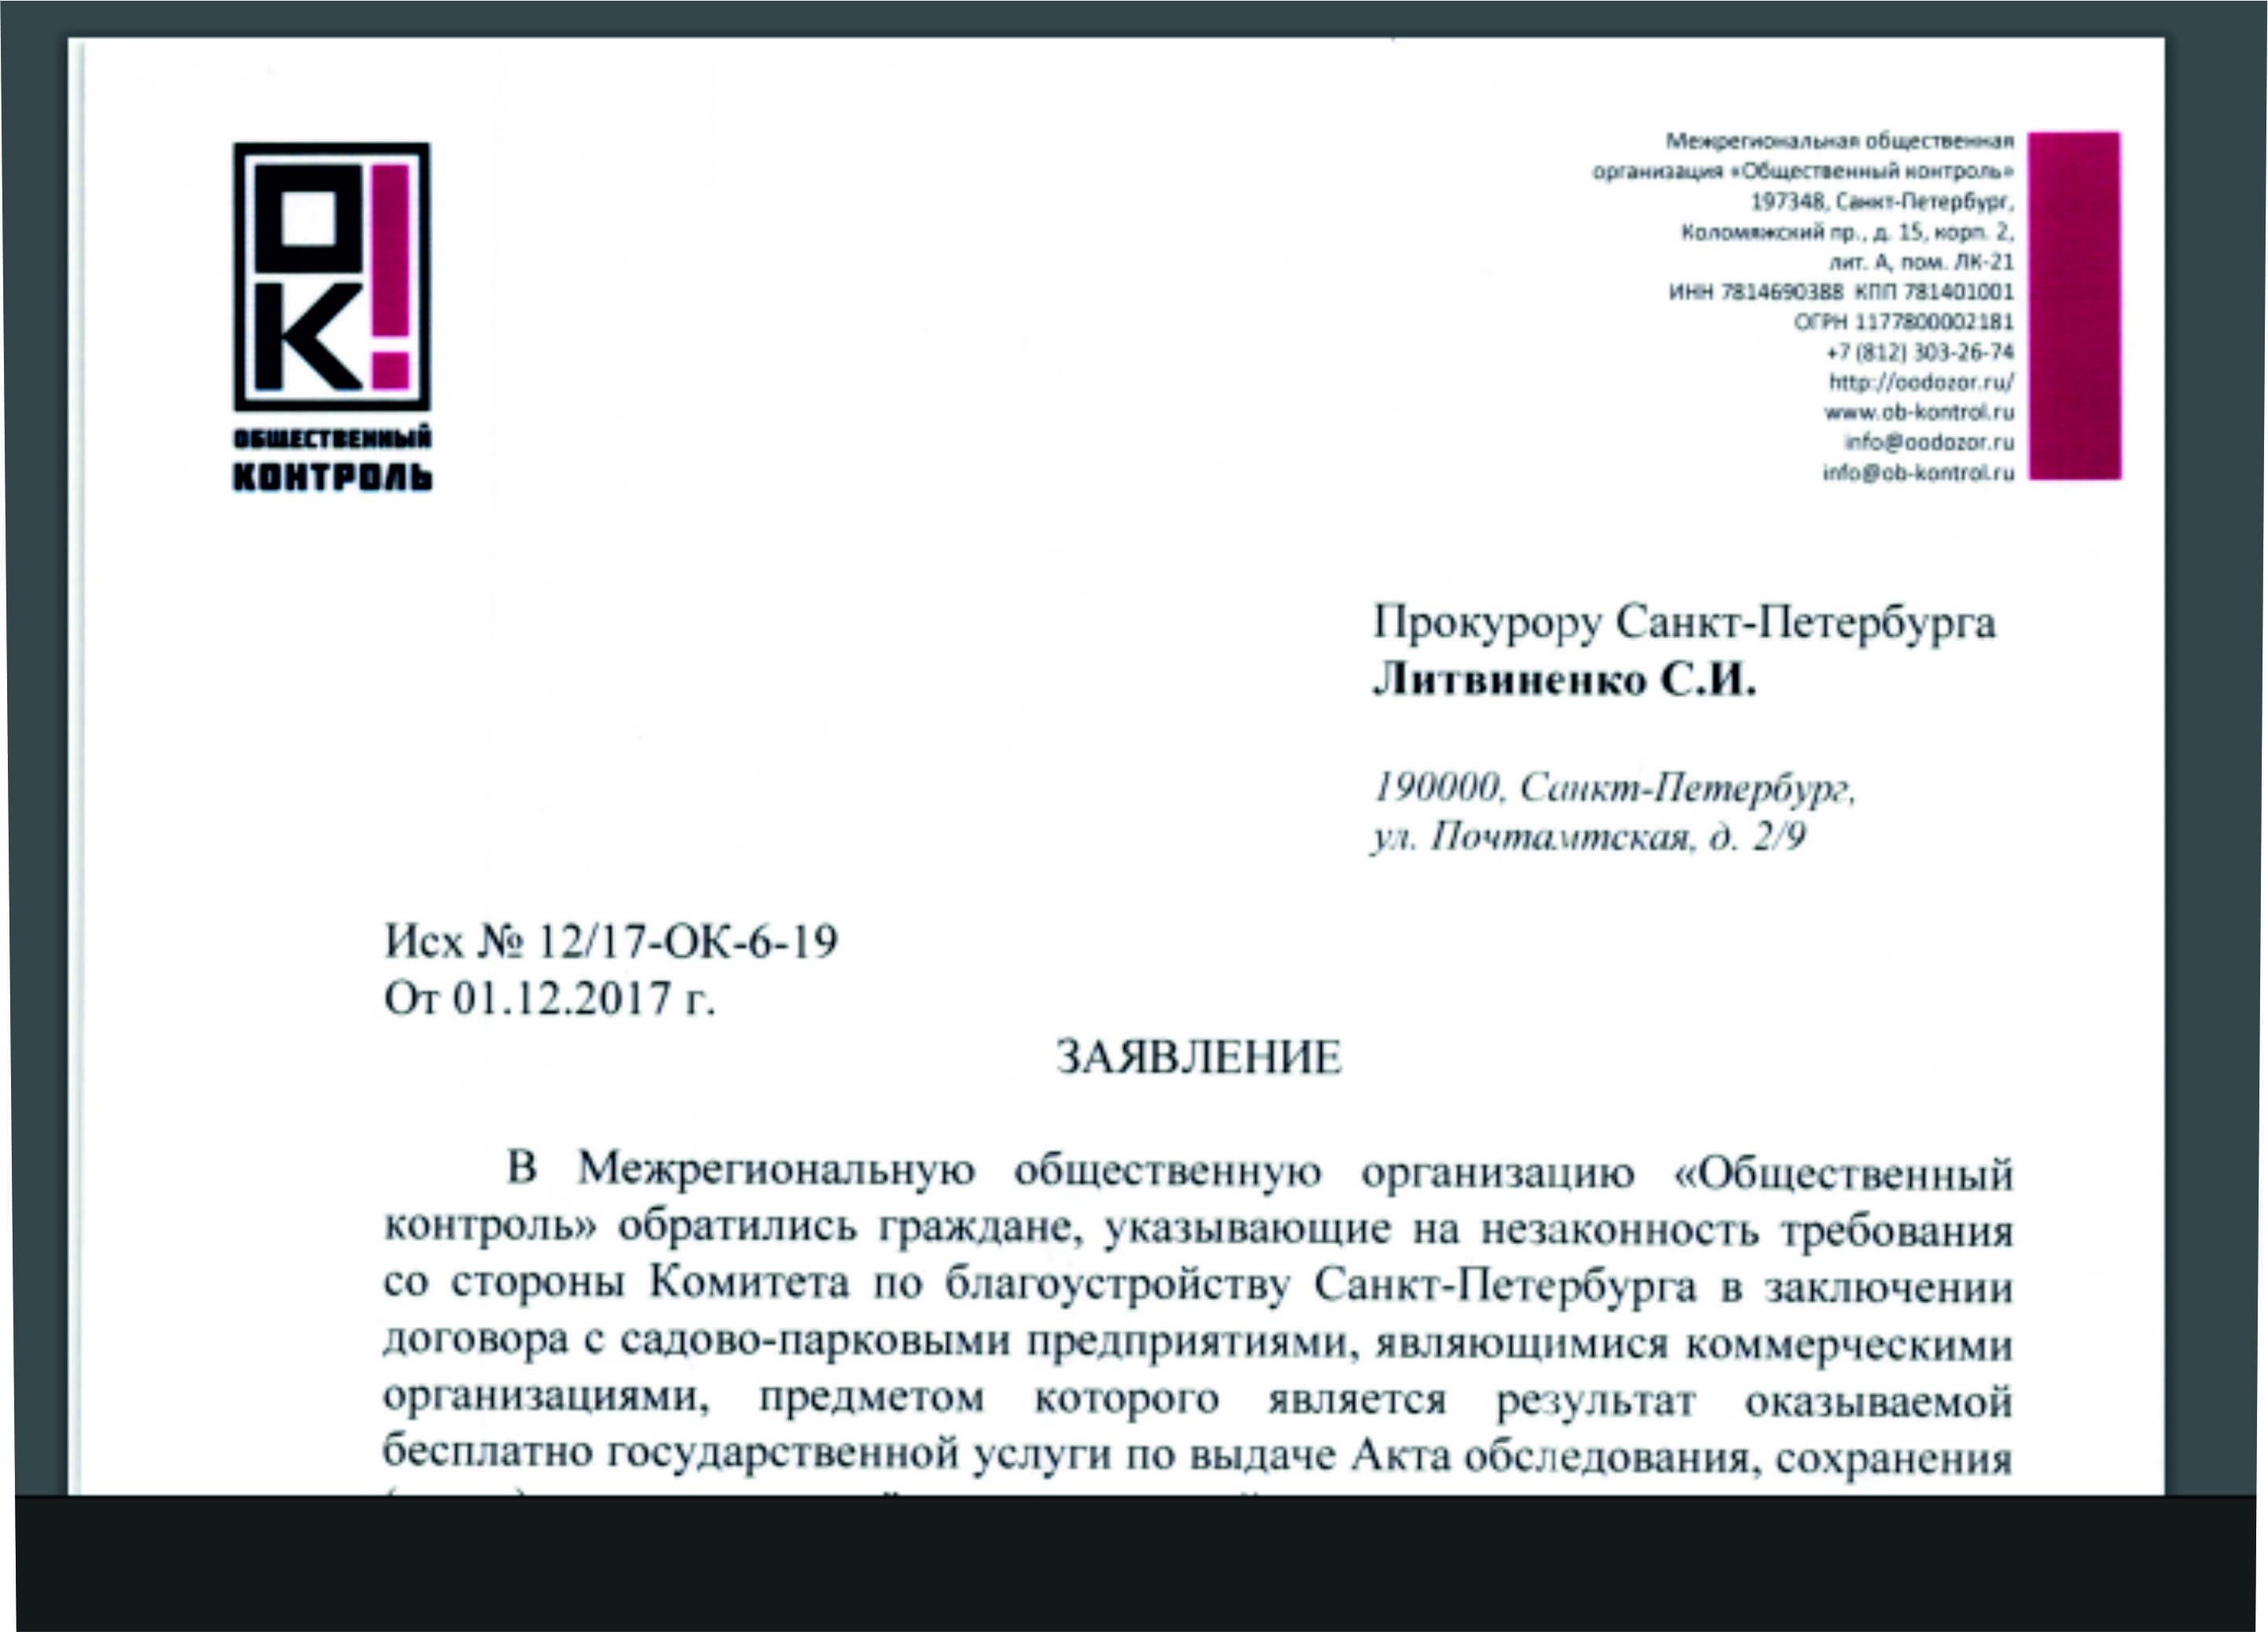 Заявление в Прокуратуру СПб о признаках незаконности действий должностных лиц Комитета по благоустройству СПб от 01.12.2017